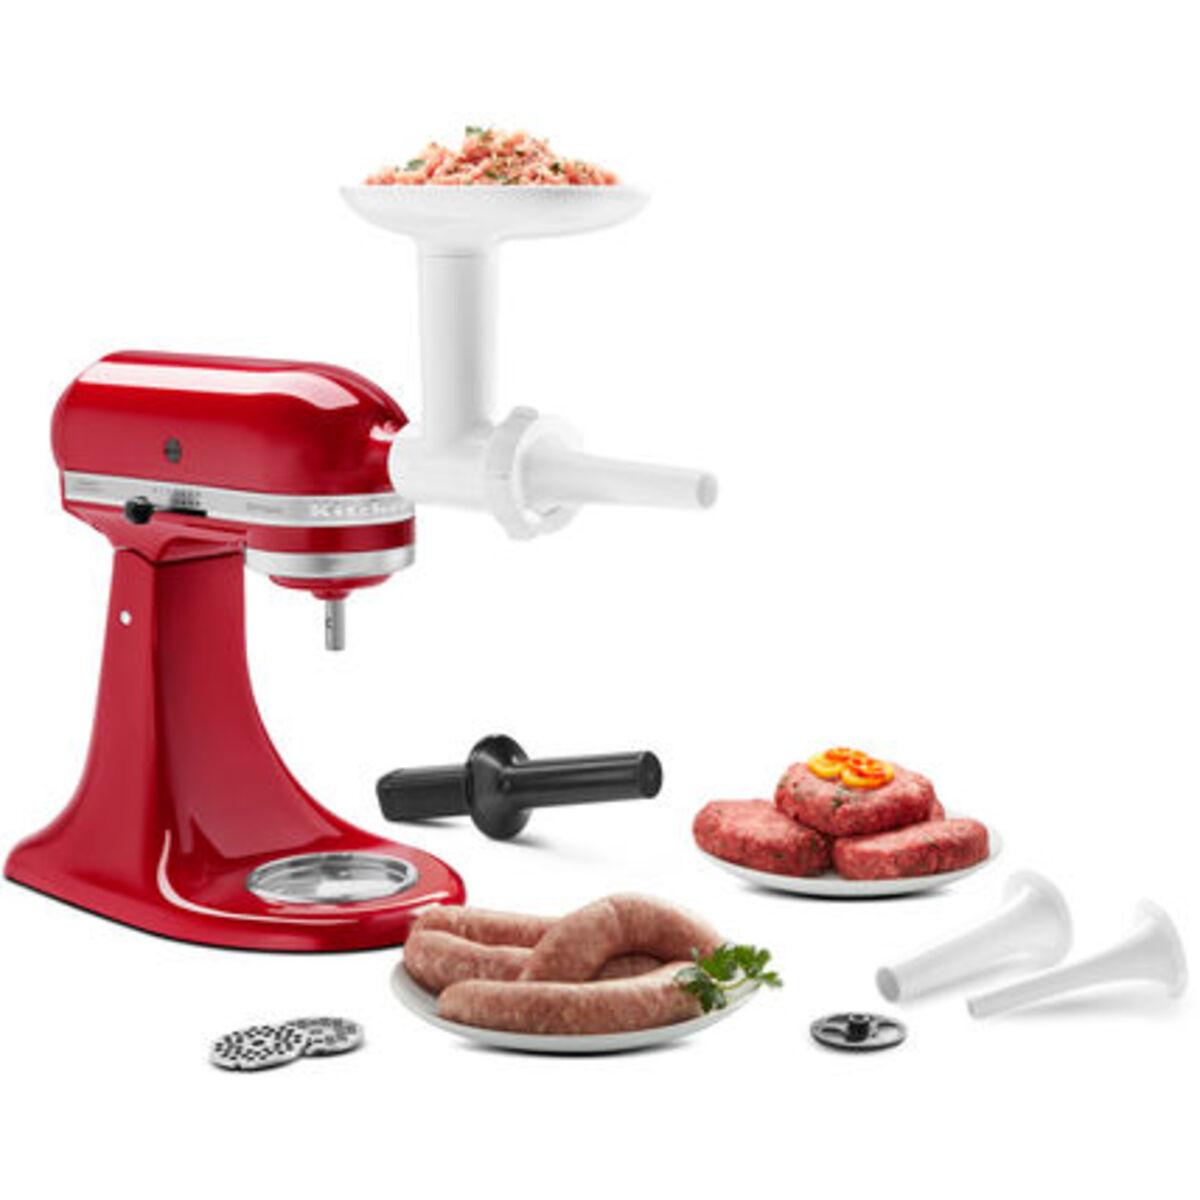 Bild 4 von KitchenAid Küchenmaschine Artisan 5KSM125EER Gourmetbundle, incl. Aufsatzset und Wurstfüllhorn, empire rot